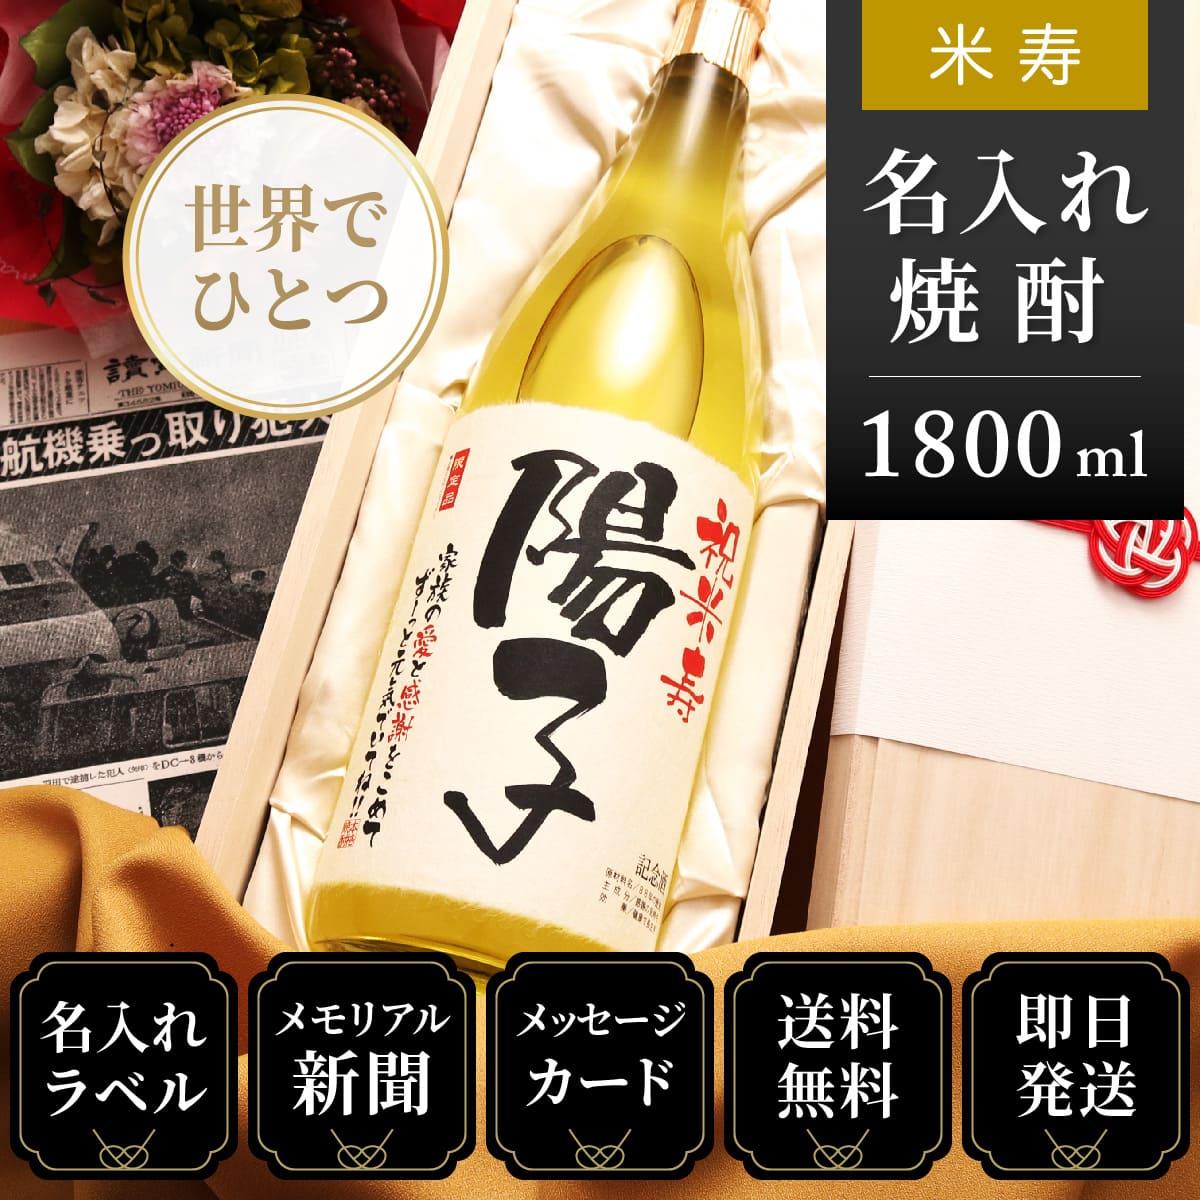 米寿のお祝い、贈り物に記念日の新聞付き「華乃萌黄」1800ml(酒粕焼酎)